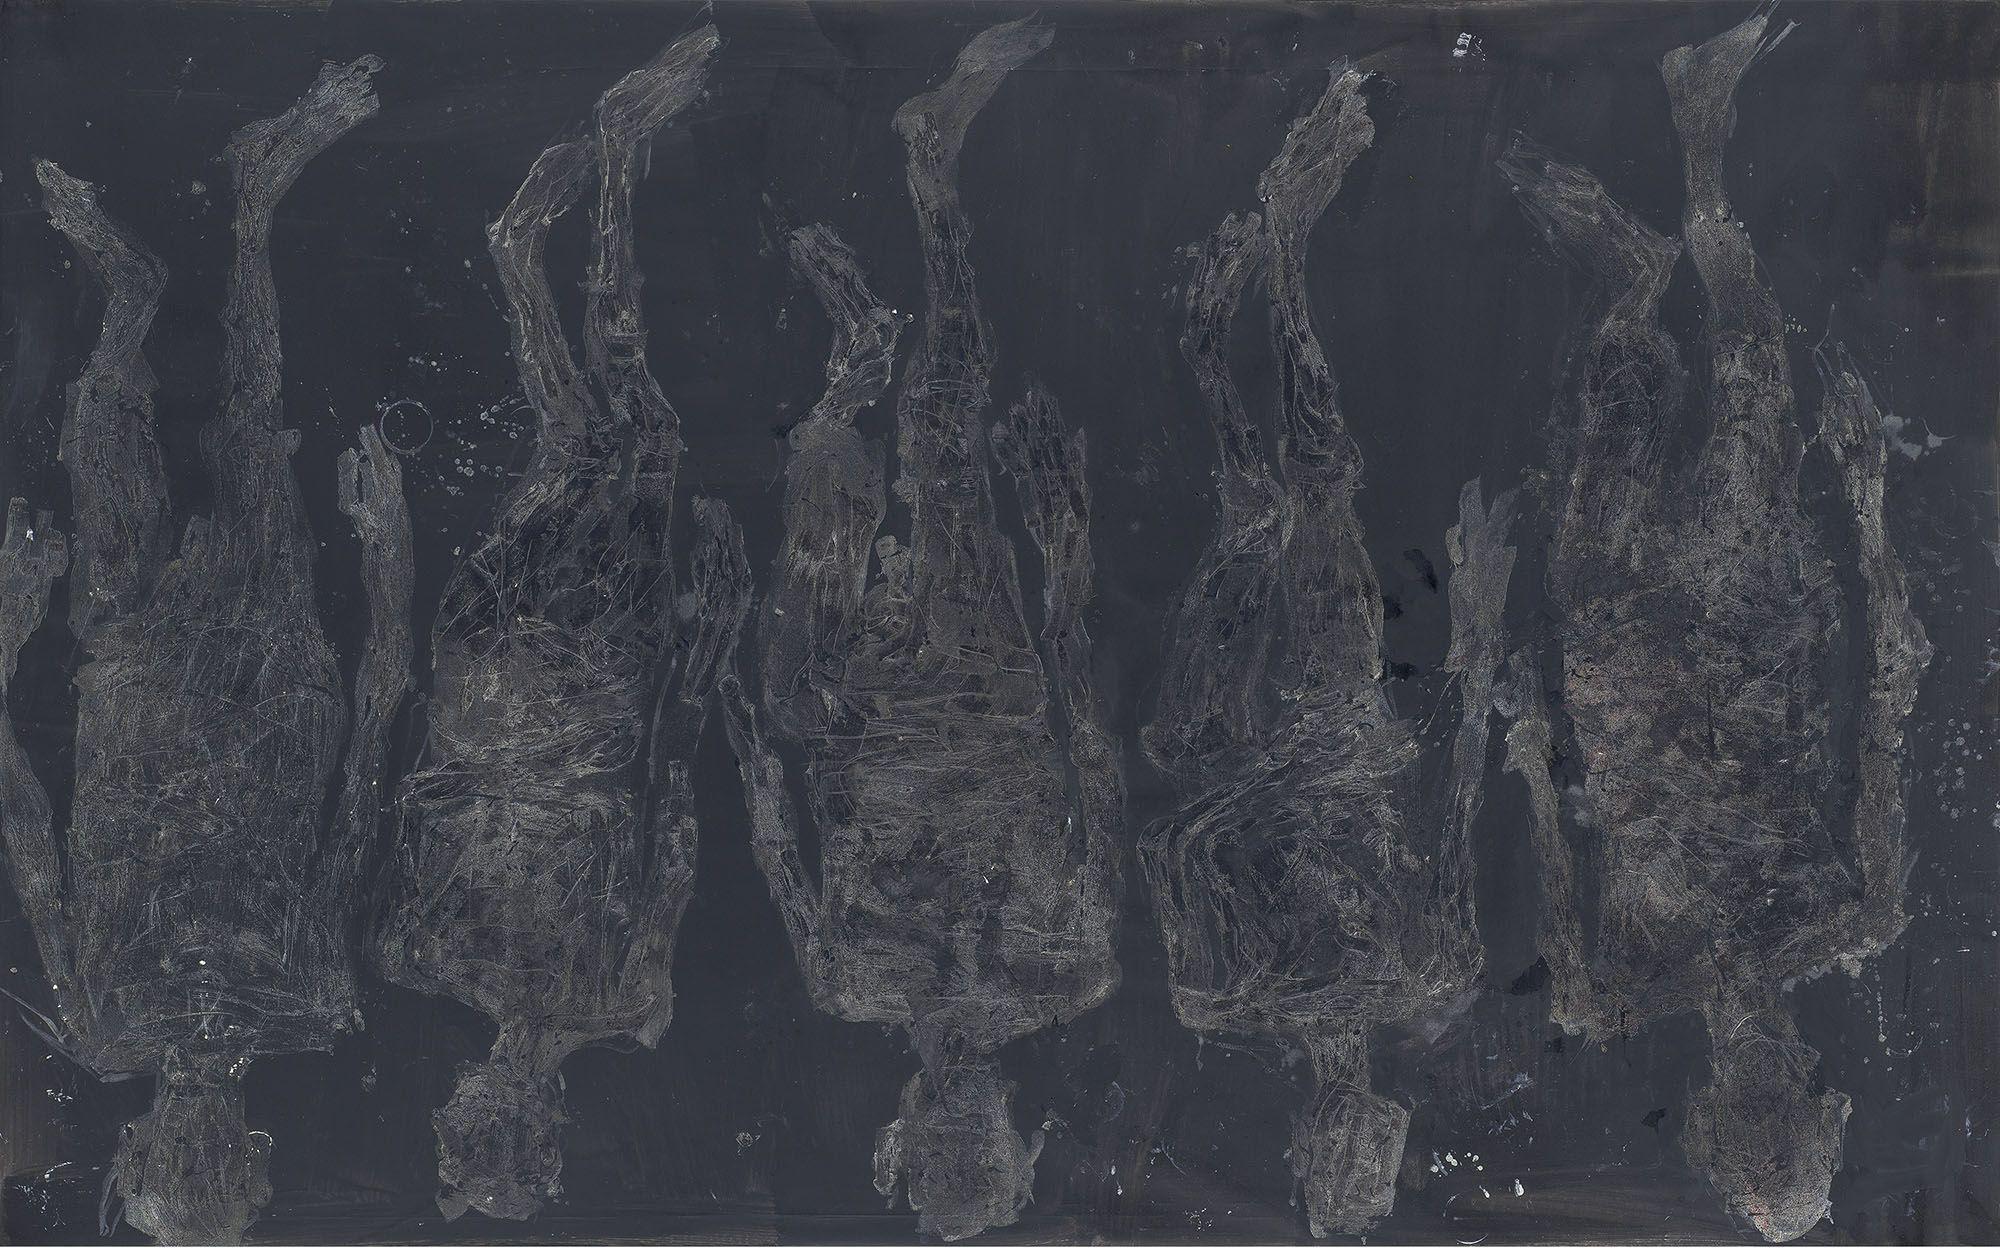 台北當代藝術博覽會藝廊精選 TOP 10 : GAGOSIAN GALLERY【獨步全球】